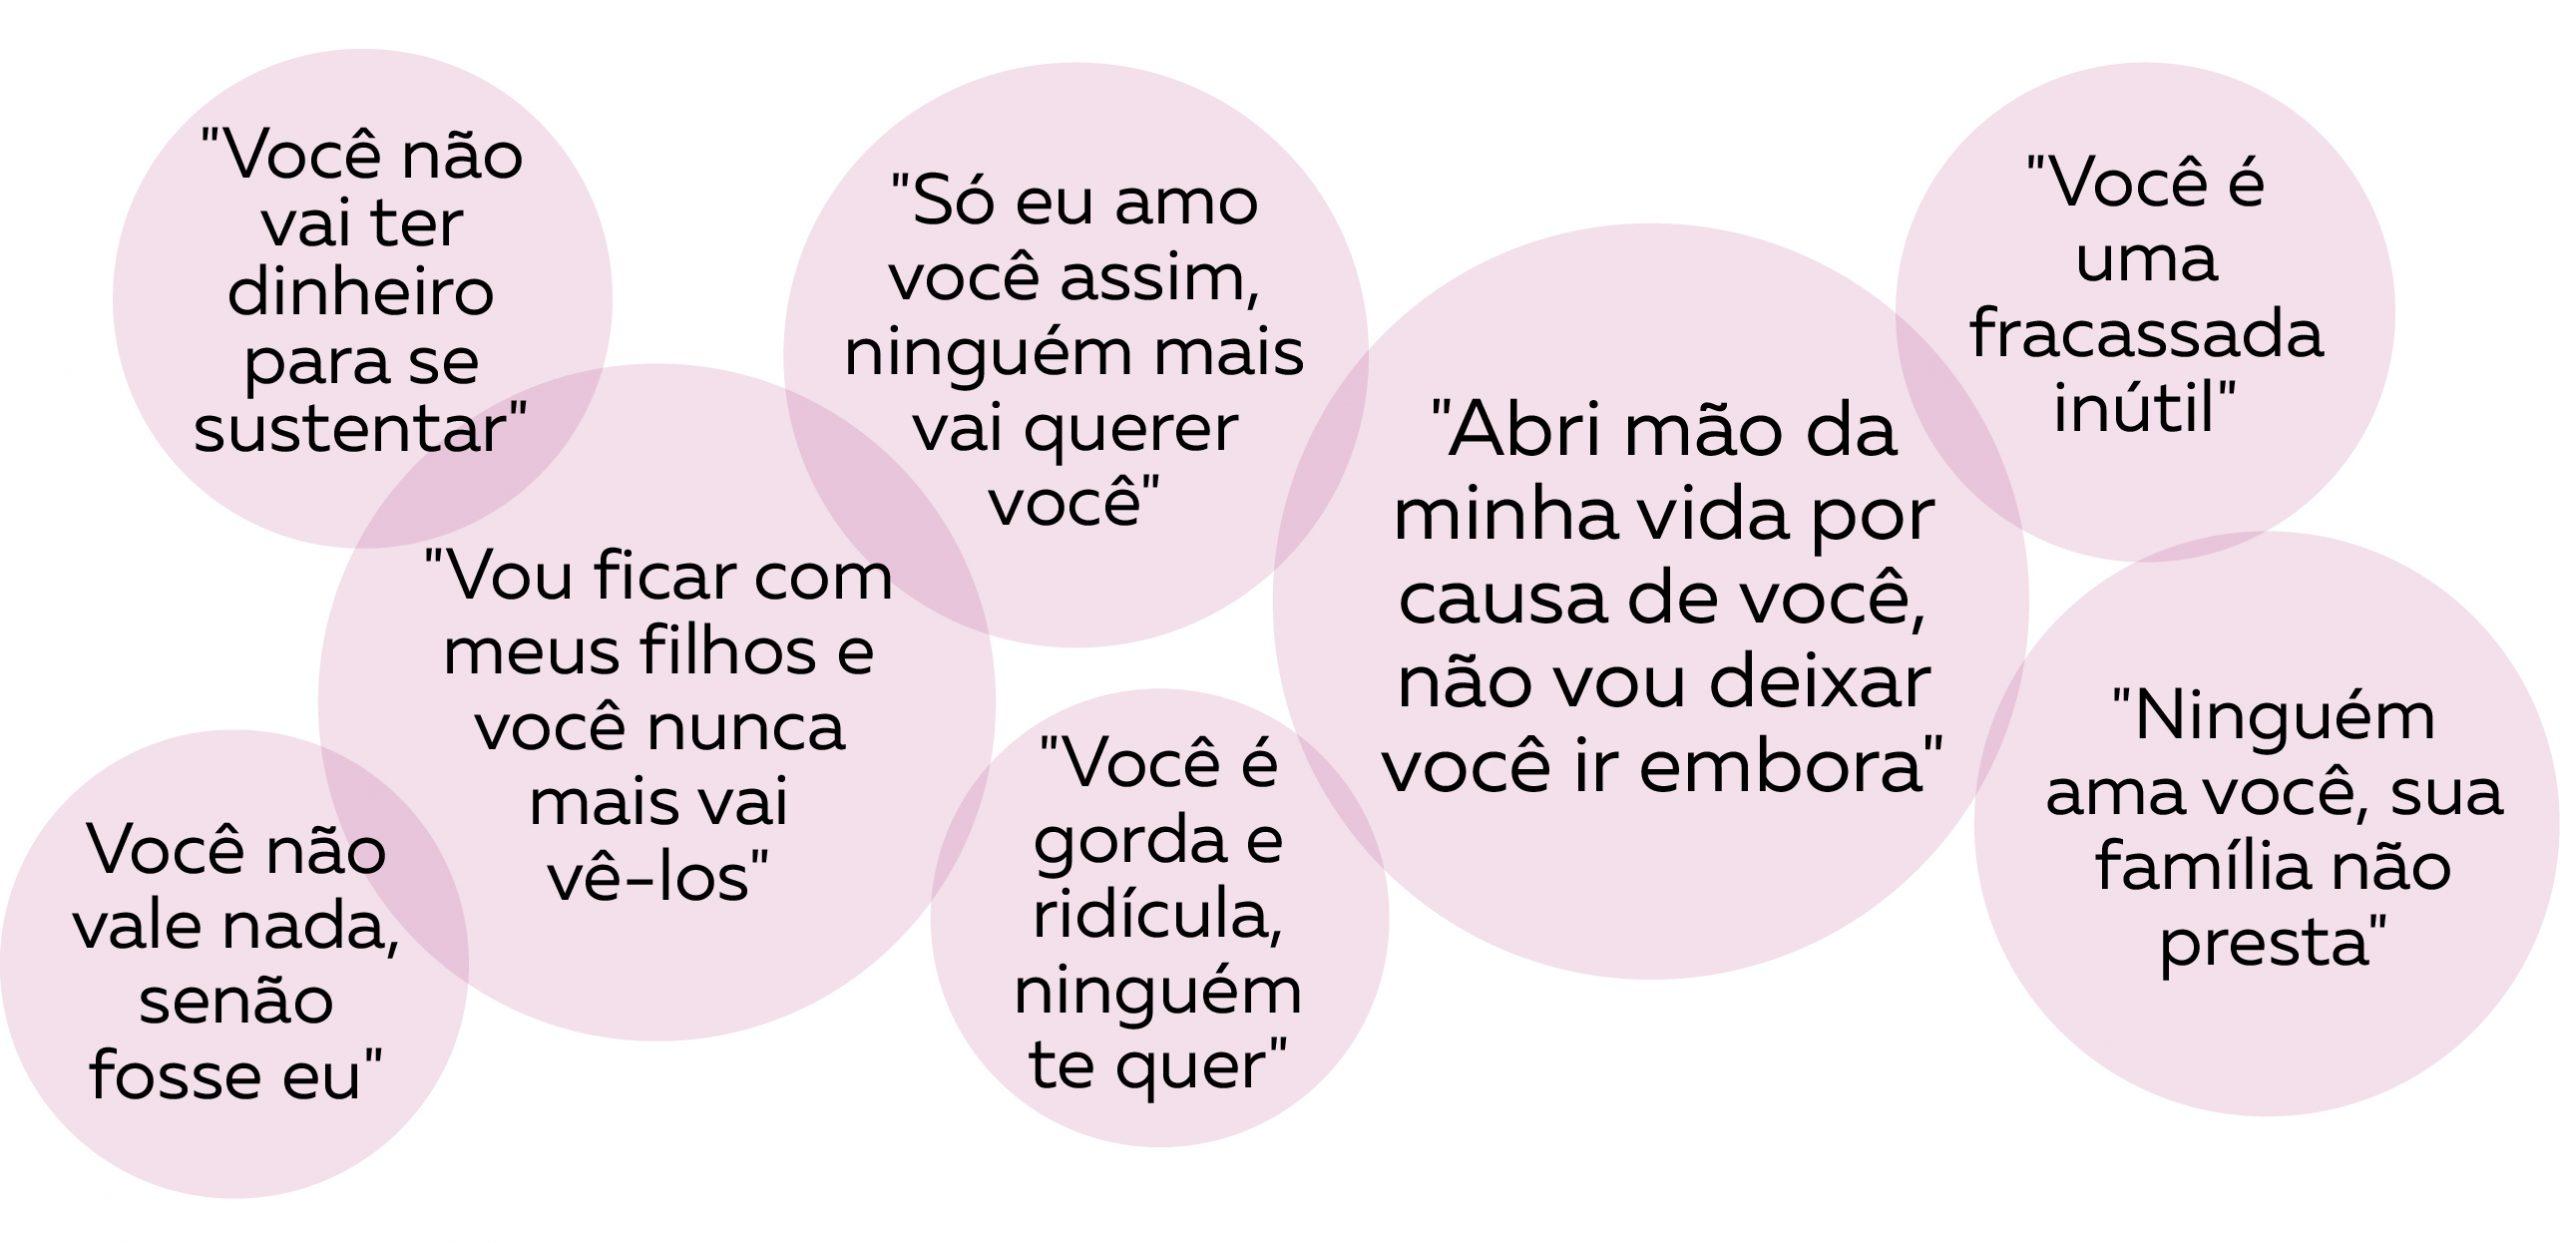 73% das mulheres não formalizam denúncias de violência em Goiás, aponta pesquisa